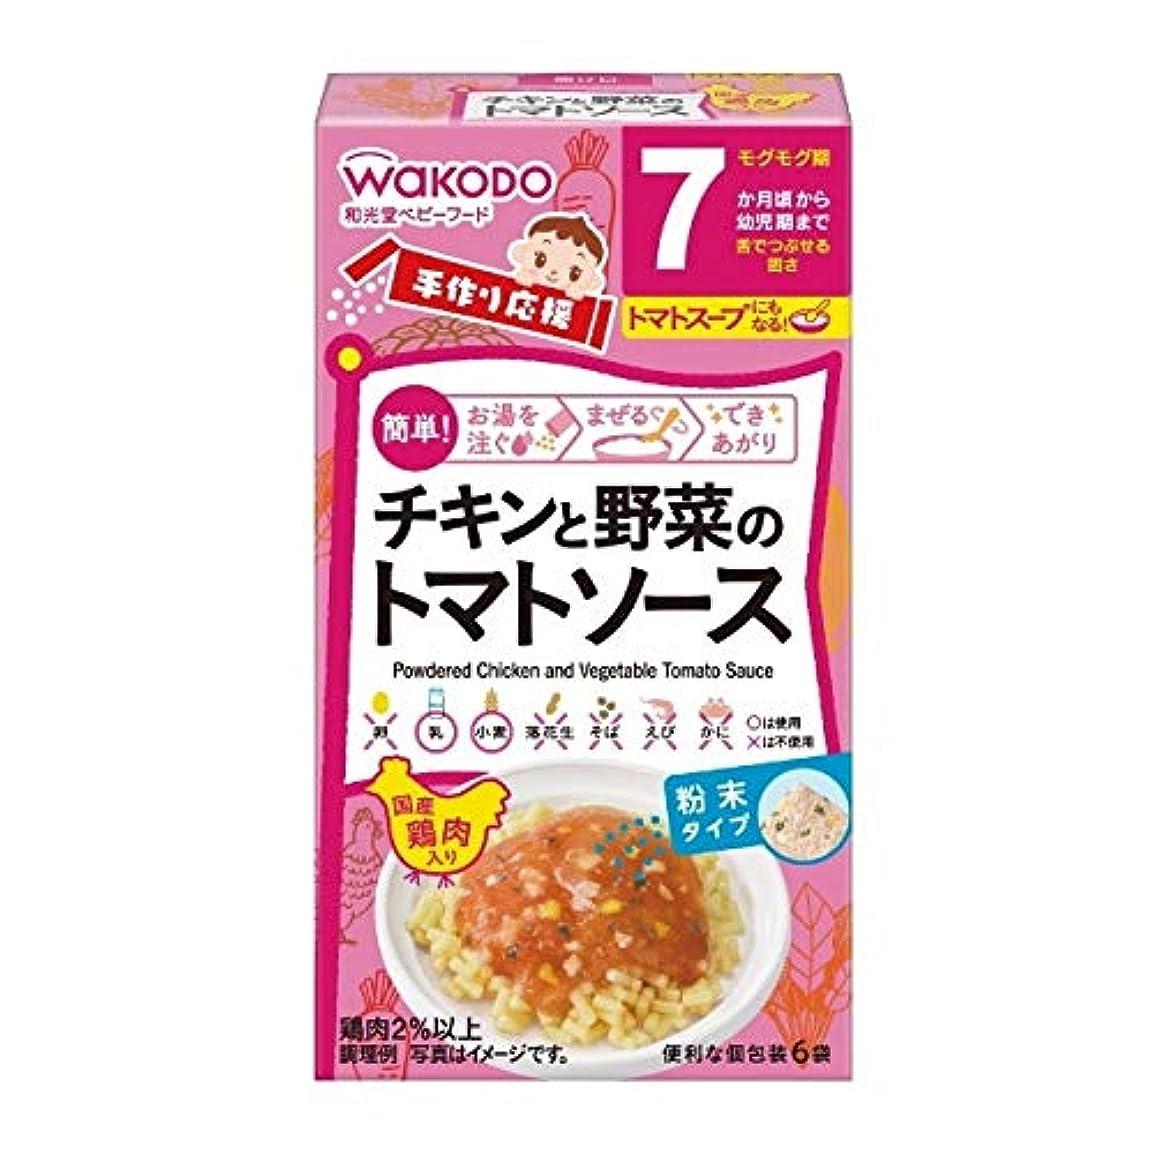 モネ天国終わった和光堂 手作り応援 チキンと野菜のトマトソース(7ヶ月頃から) 3.5g×6袋【3個セット】